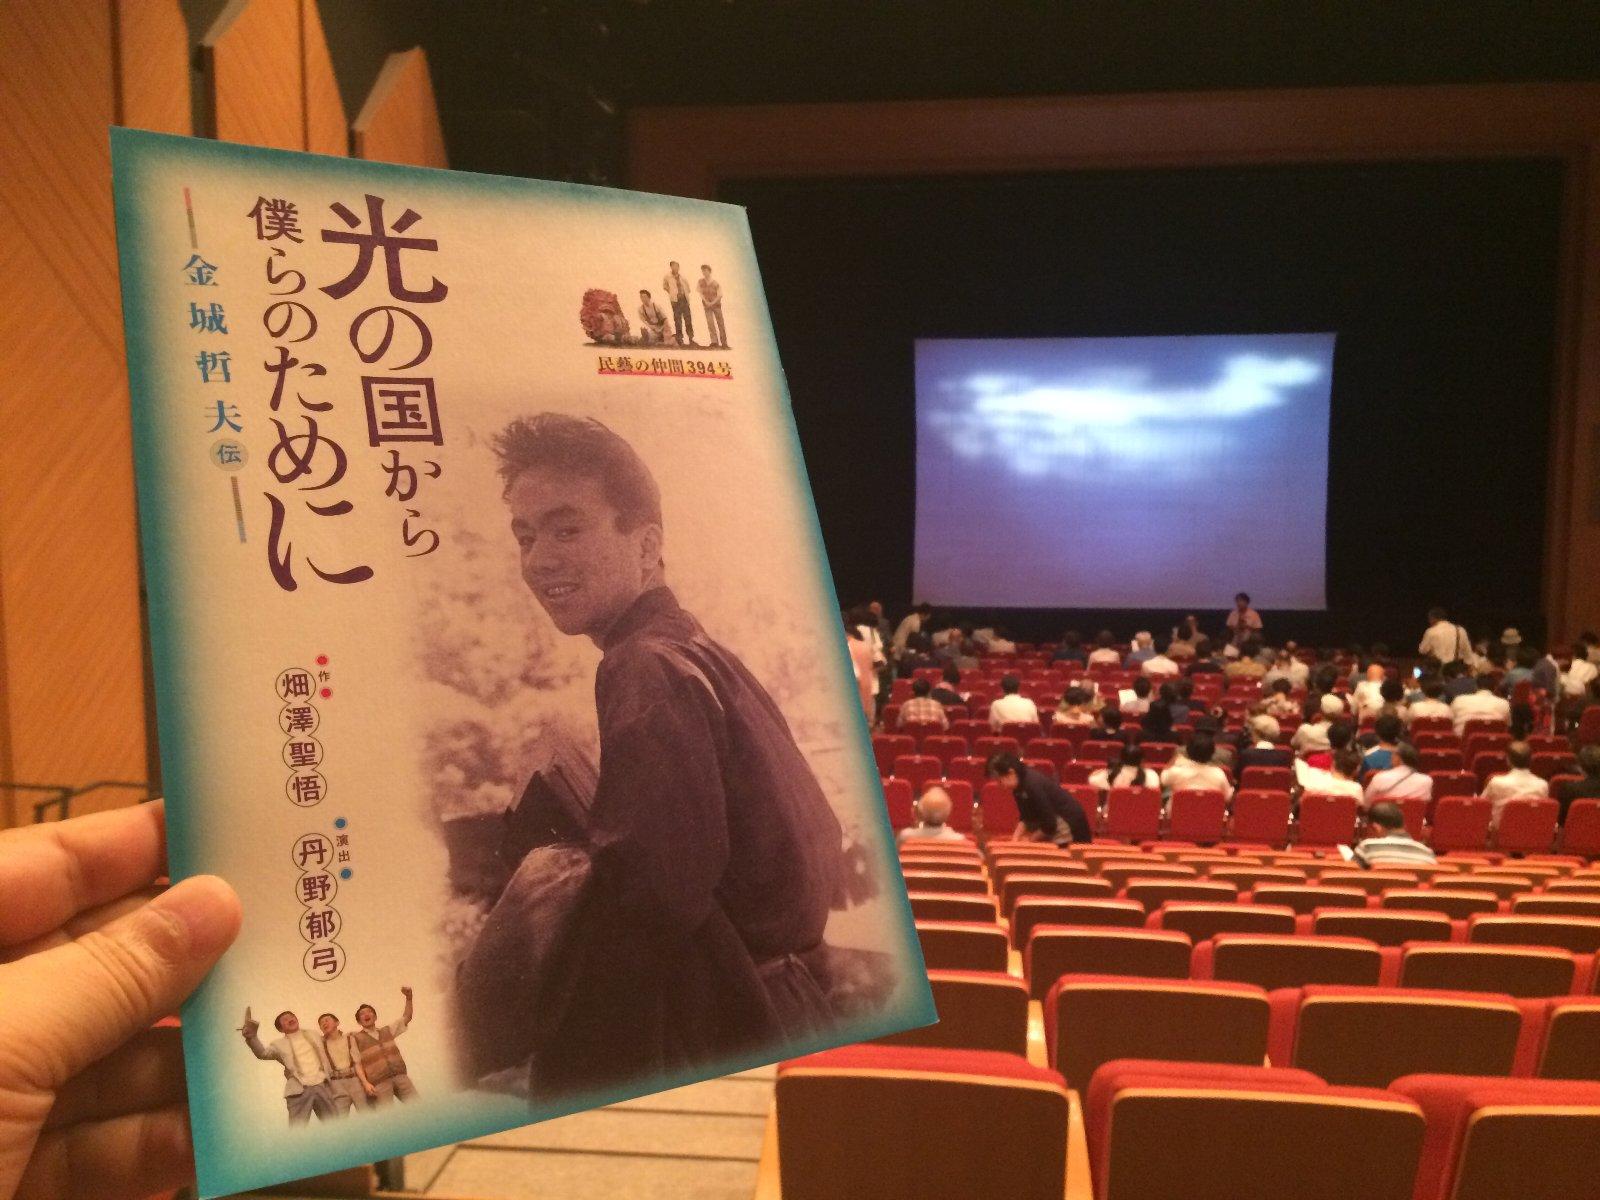 劇団民藝「光の国から僕らのために」公演会場